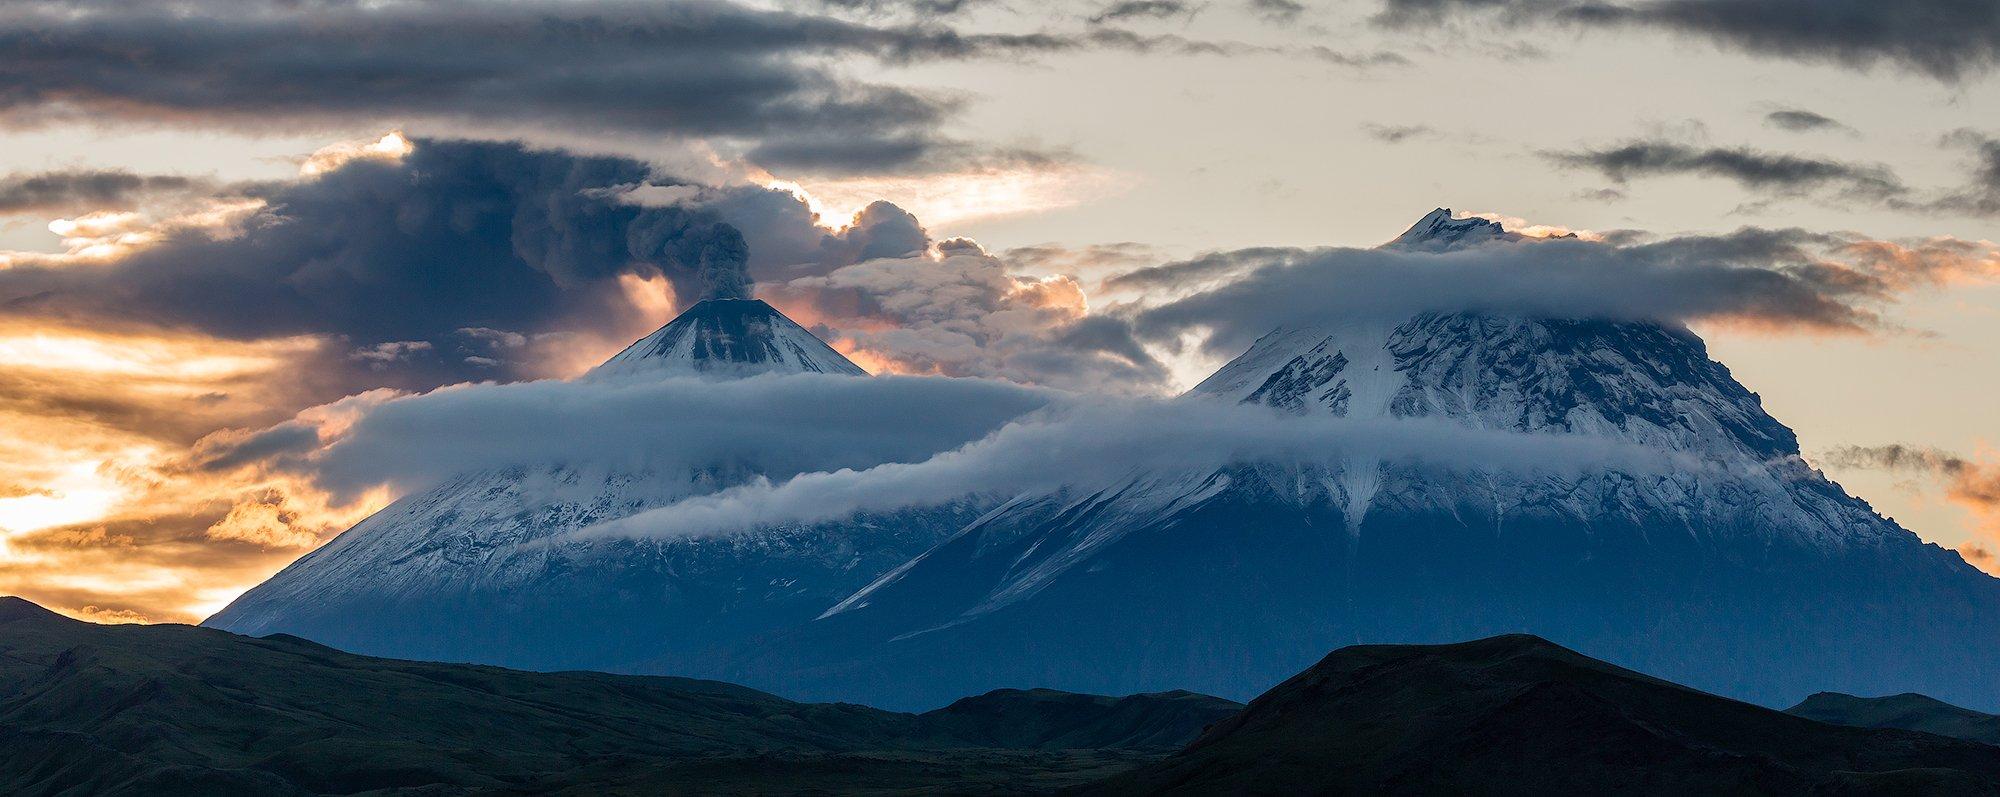 камчатка, вулкан, пейзаж, природа, путешествие, рассвет,, Денис Будьков